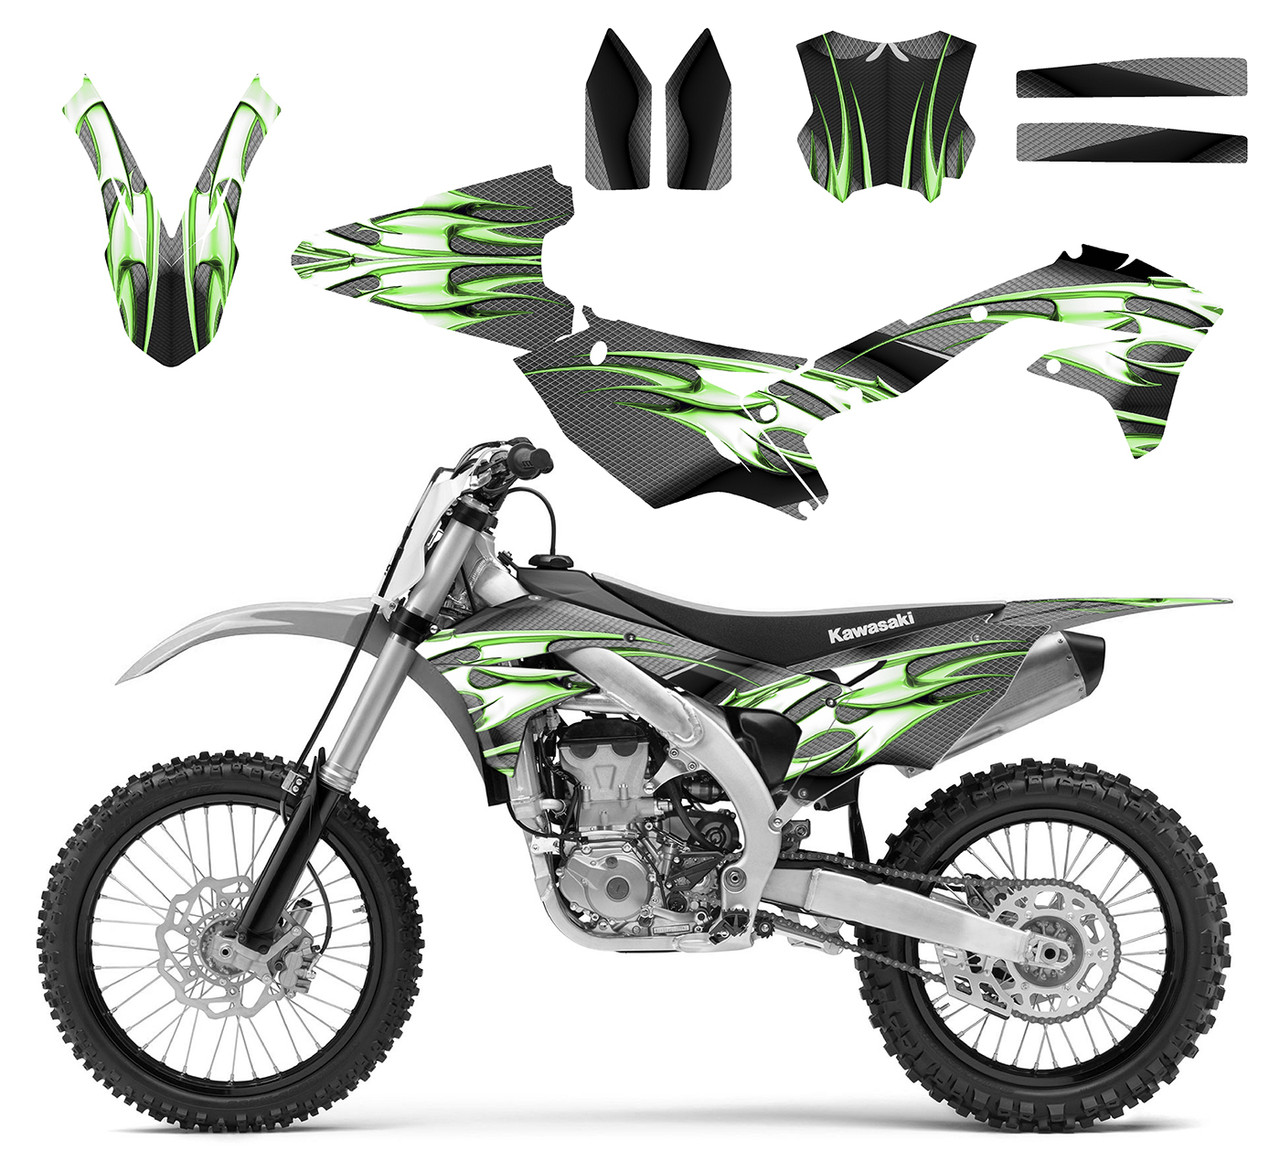 KX 450F 2016 -2018 Design 1500